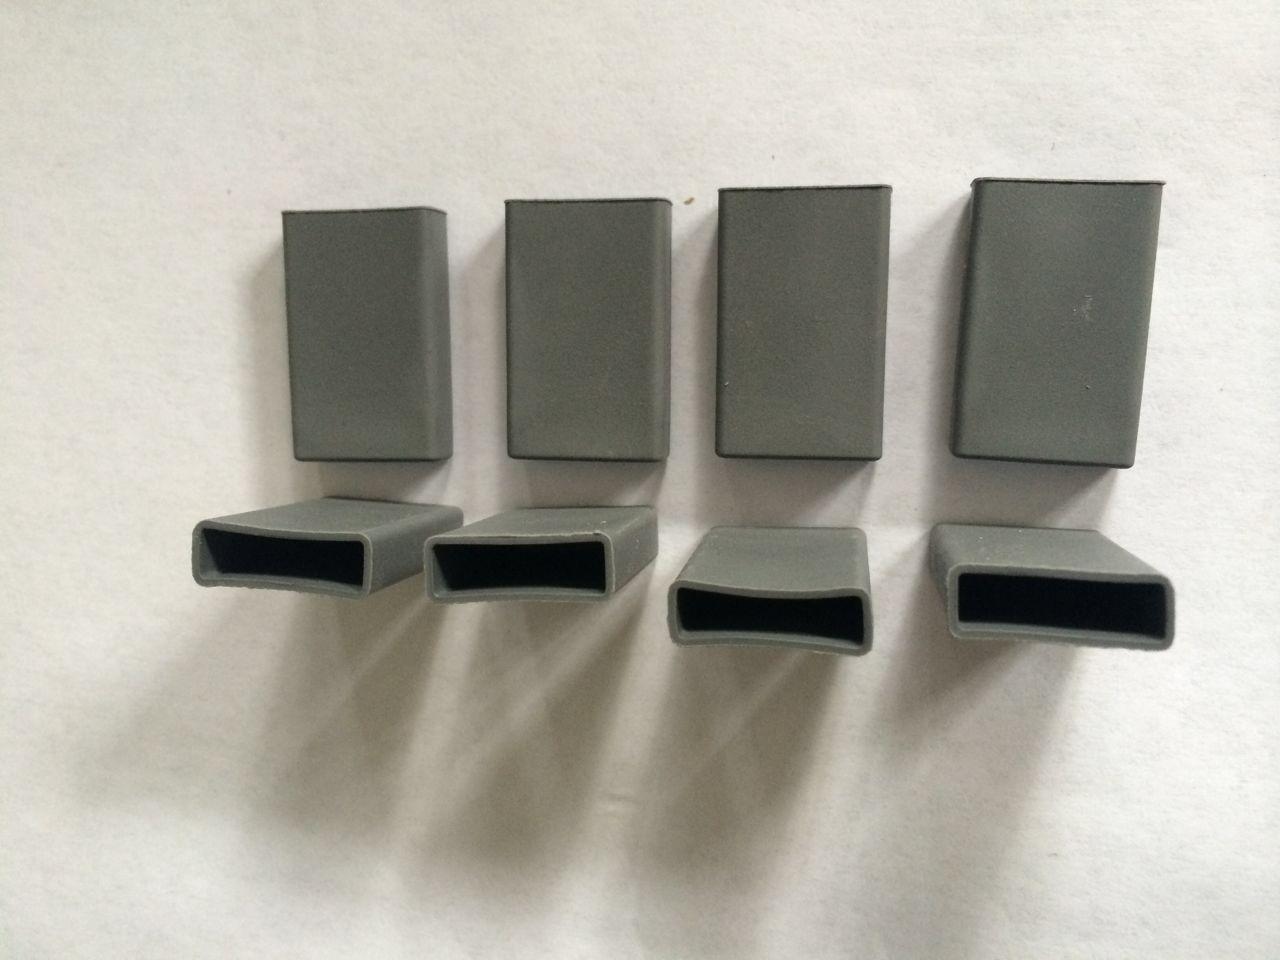 散热硅胶帽套厂家供应_奥博特导热科技提供热卖硅胶帽套